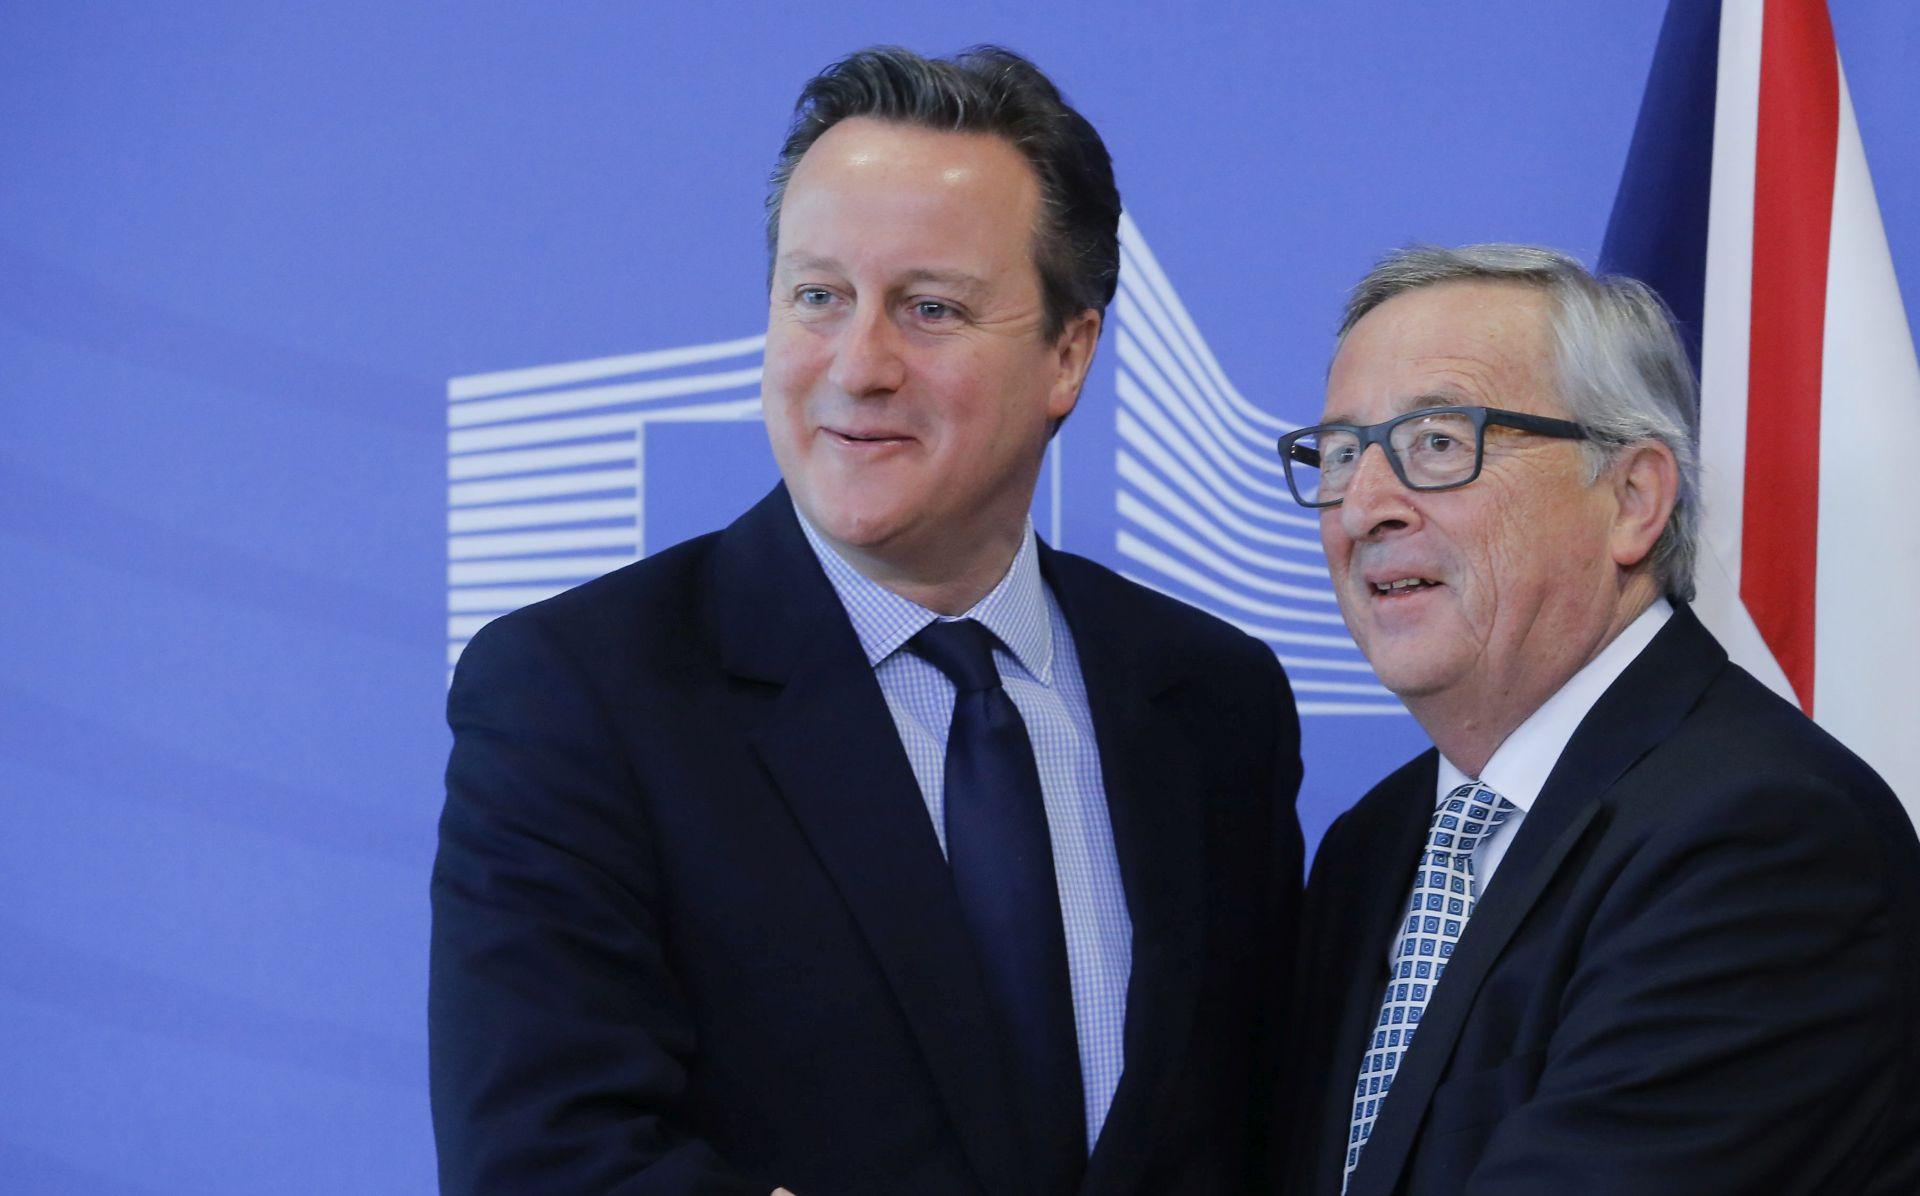 Cameron ponovno u Bruxellesu traži potporu čelnika EP-a